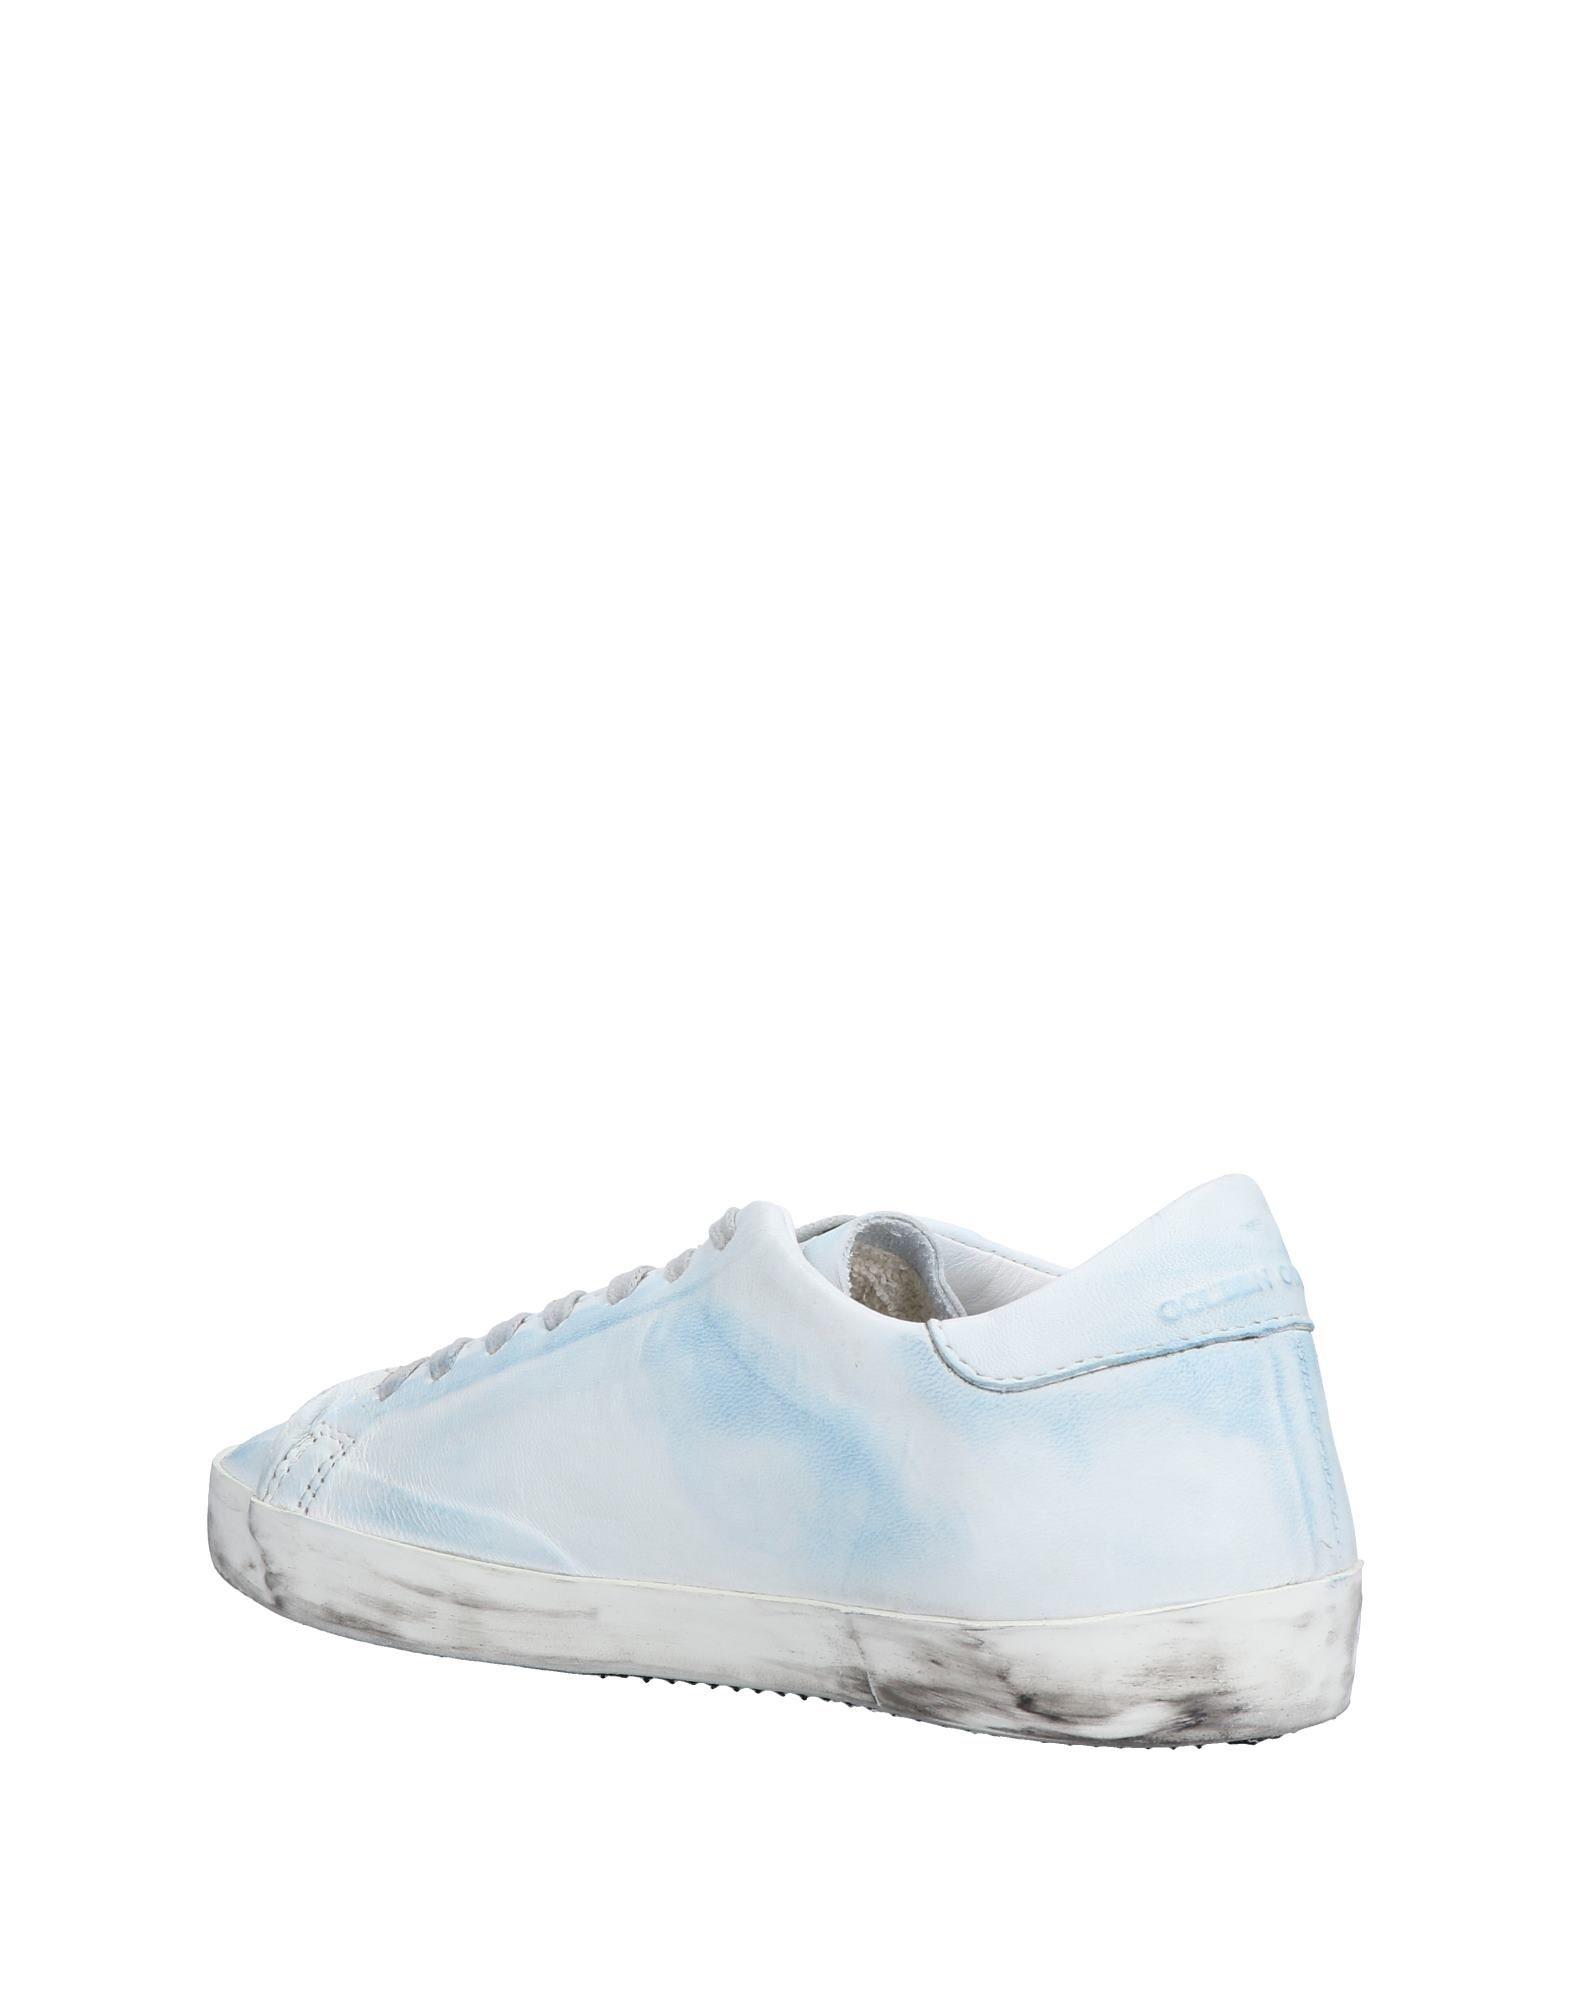 Golden Goose Deluxe Brand Sneakers Sneakers Sneakers Herren  11506667LN Heiße Schuhe 90e304